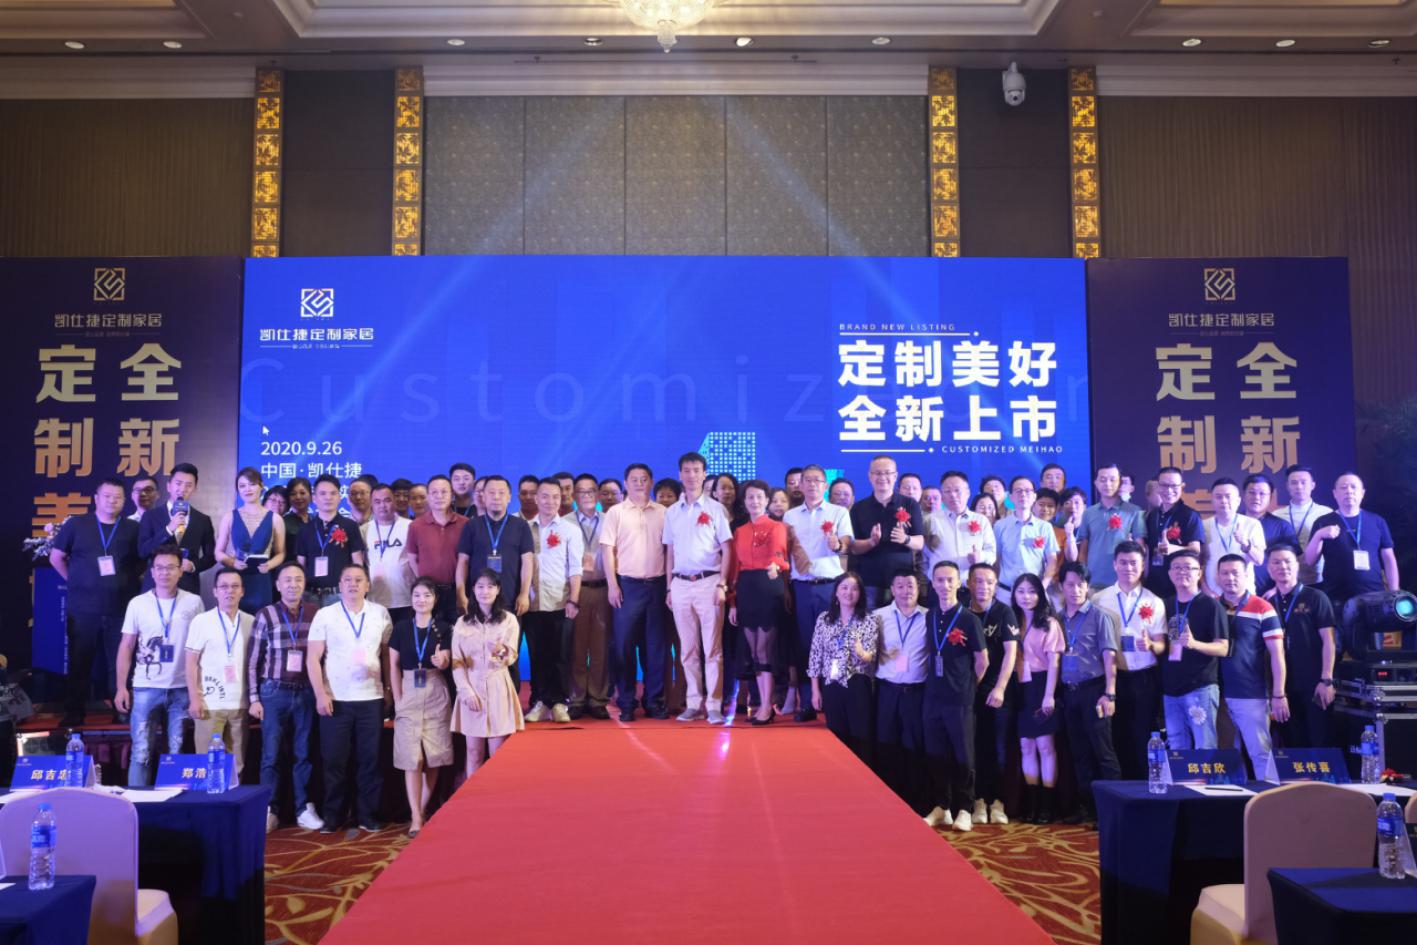 中国·福建·汇森宝·凯仕捷品牌21周年庆典暨实木复合奢华系列新品发布会在福州香格里拉酒店成功举办